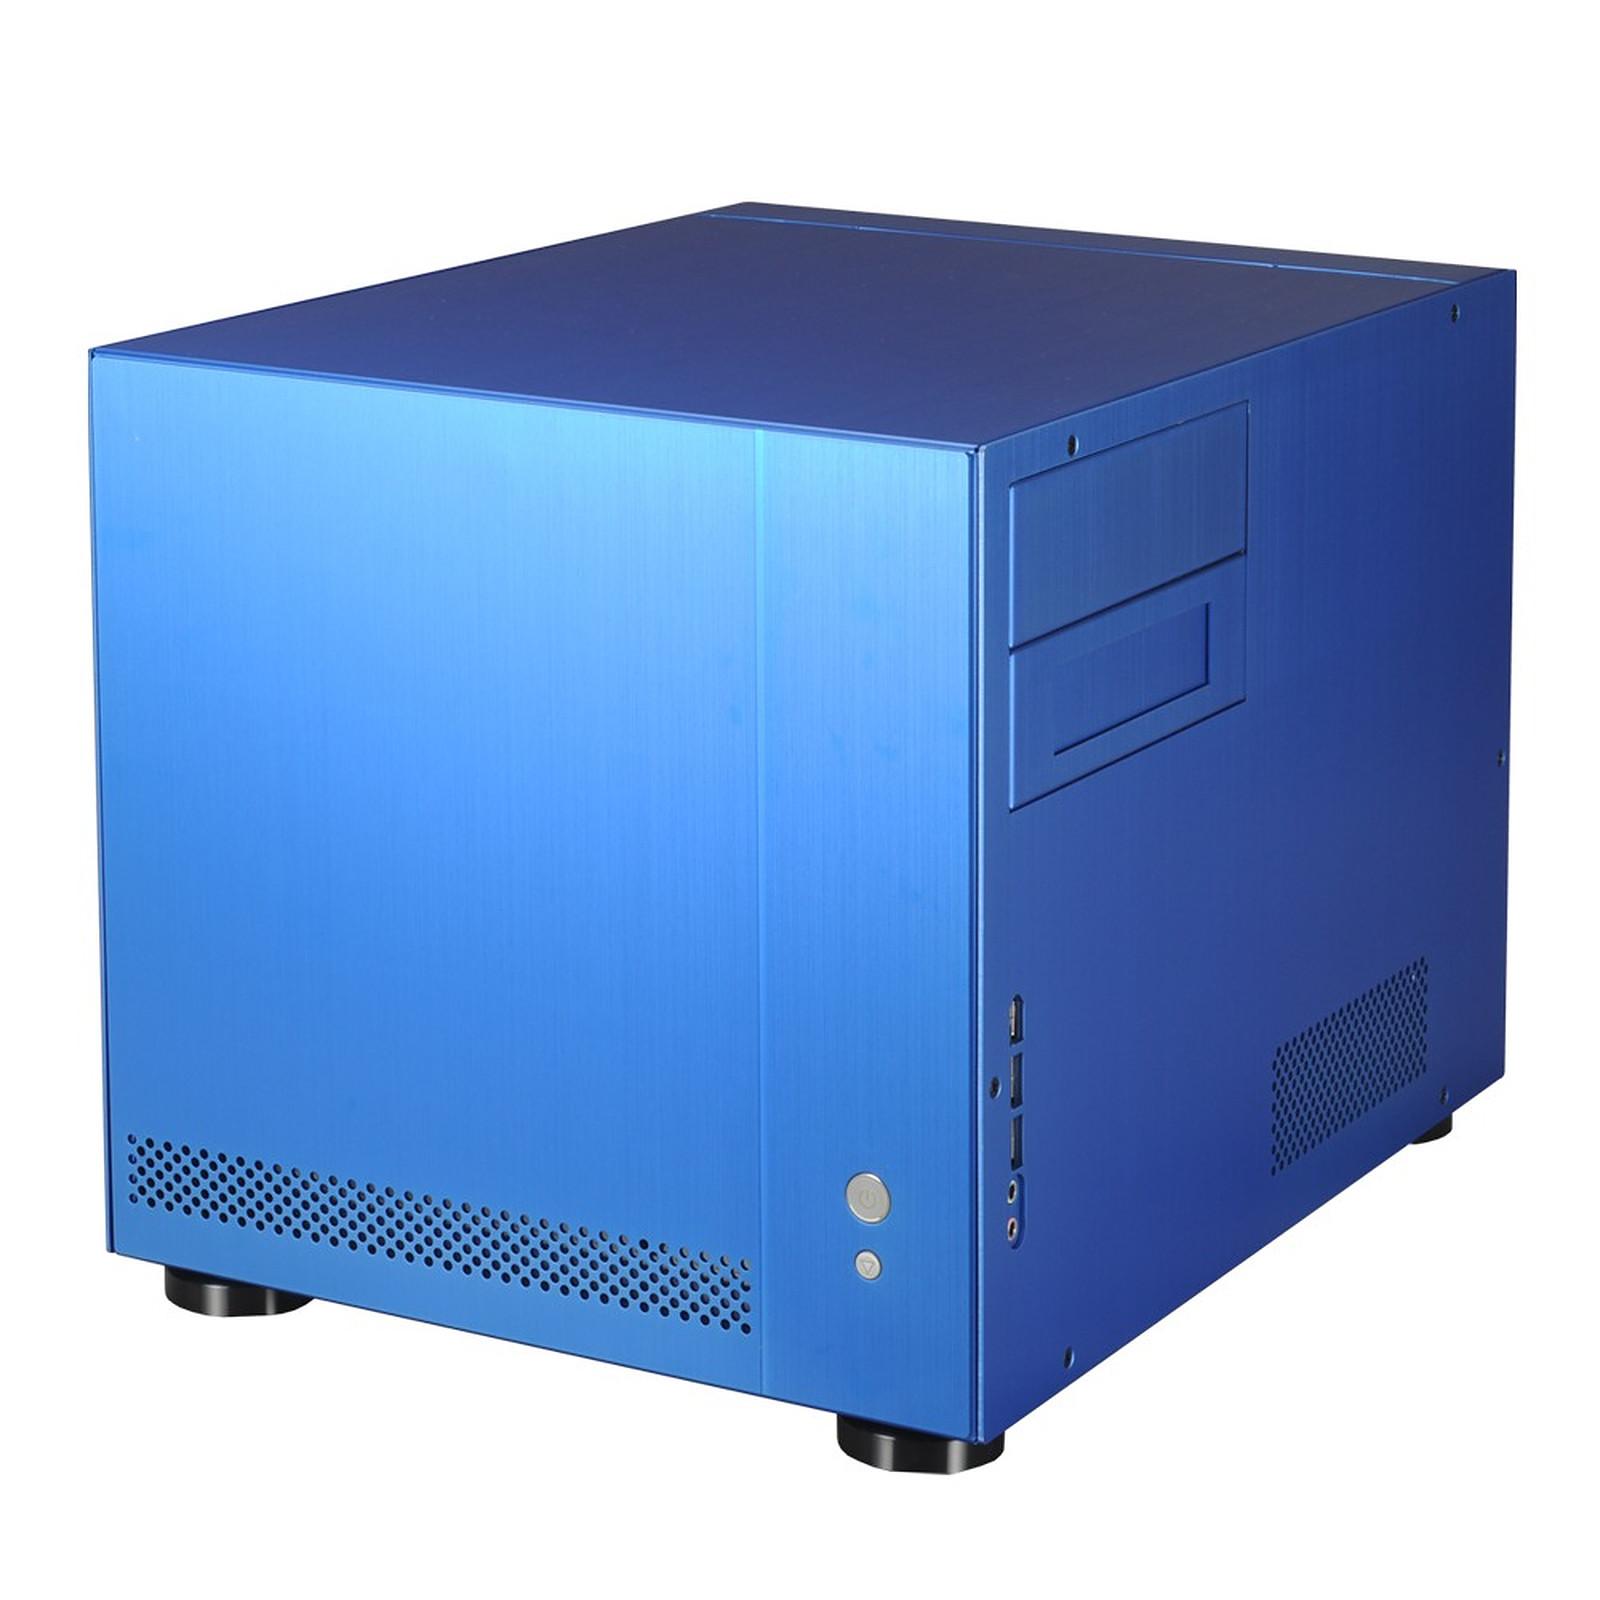 Lian Li PC-V351I